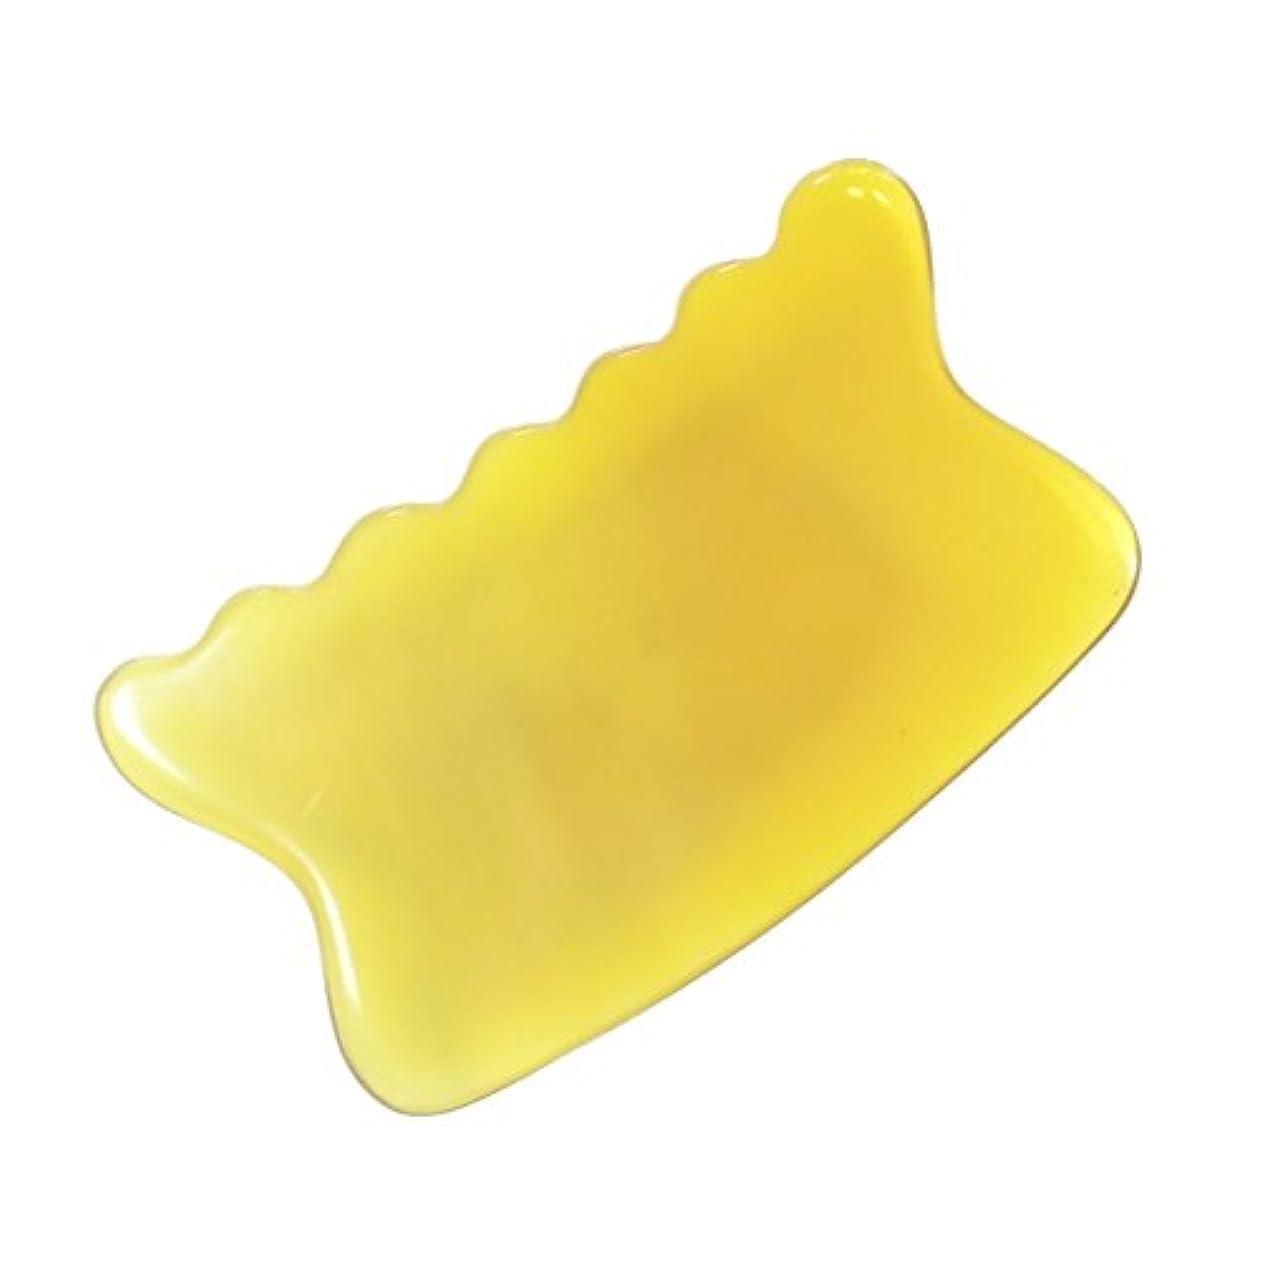 十一も蓋かっさ プレート 希少55 黄水牛角 極美品 曲波型